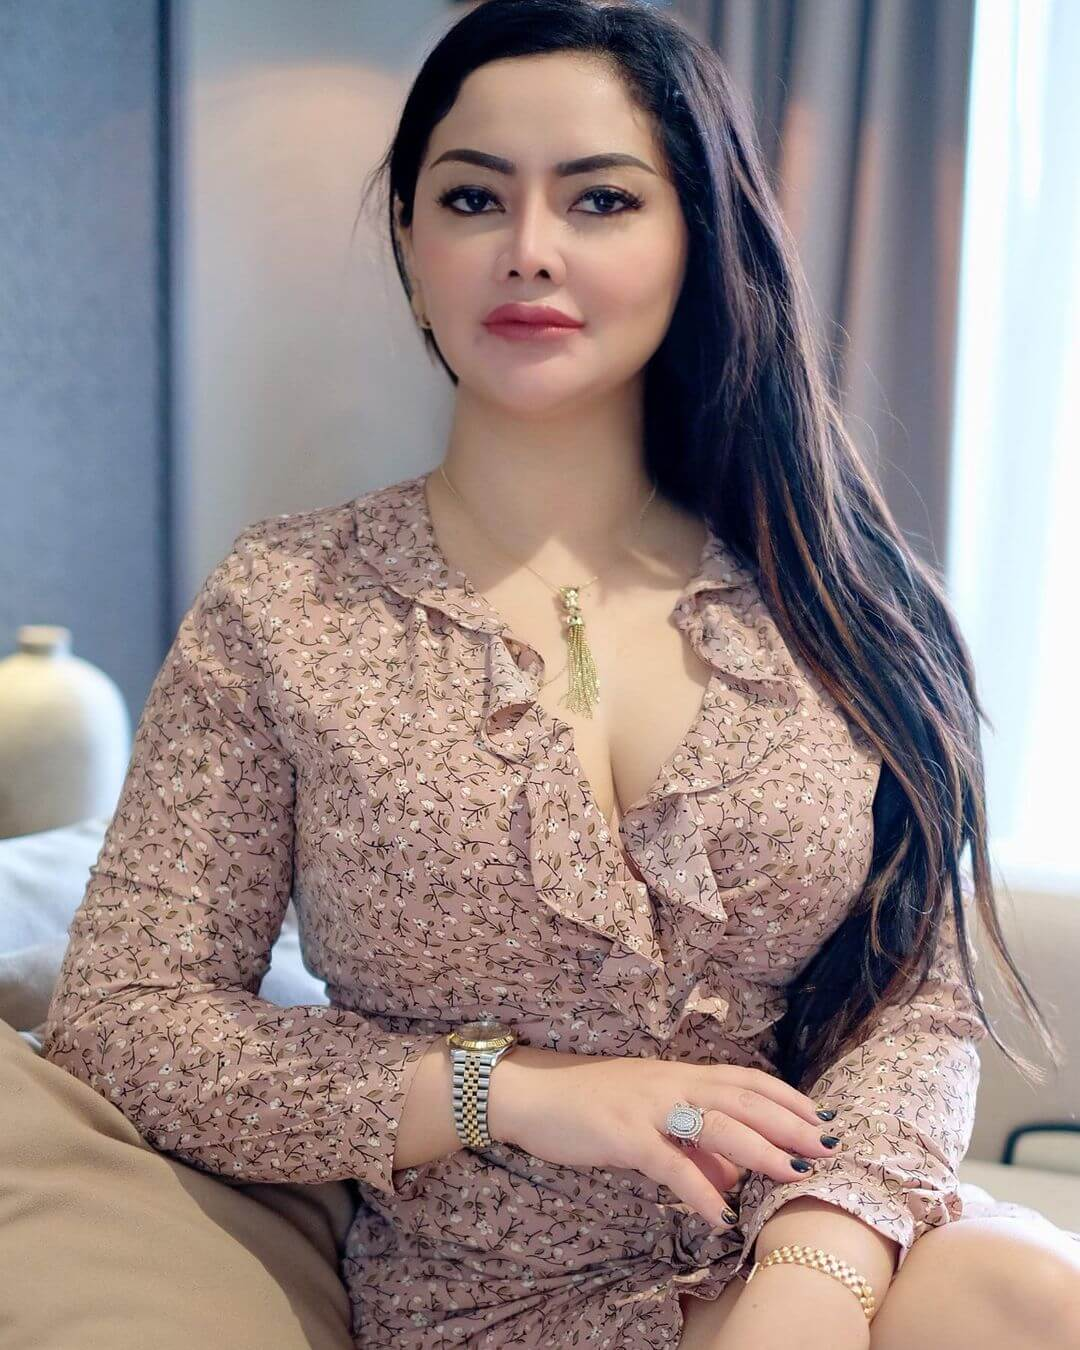 Lovely Girl Mami Sisca Mellyana